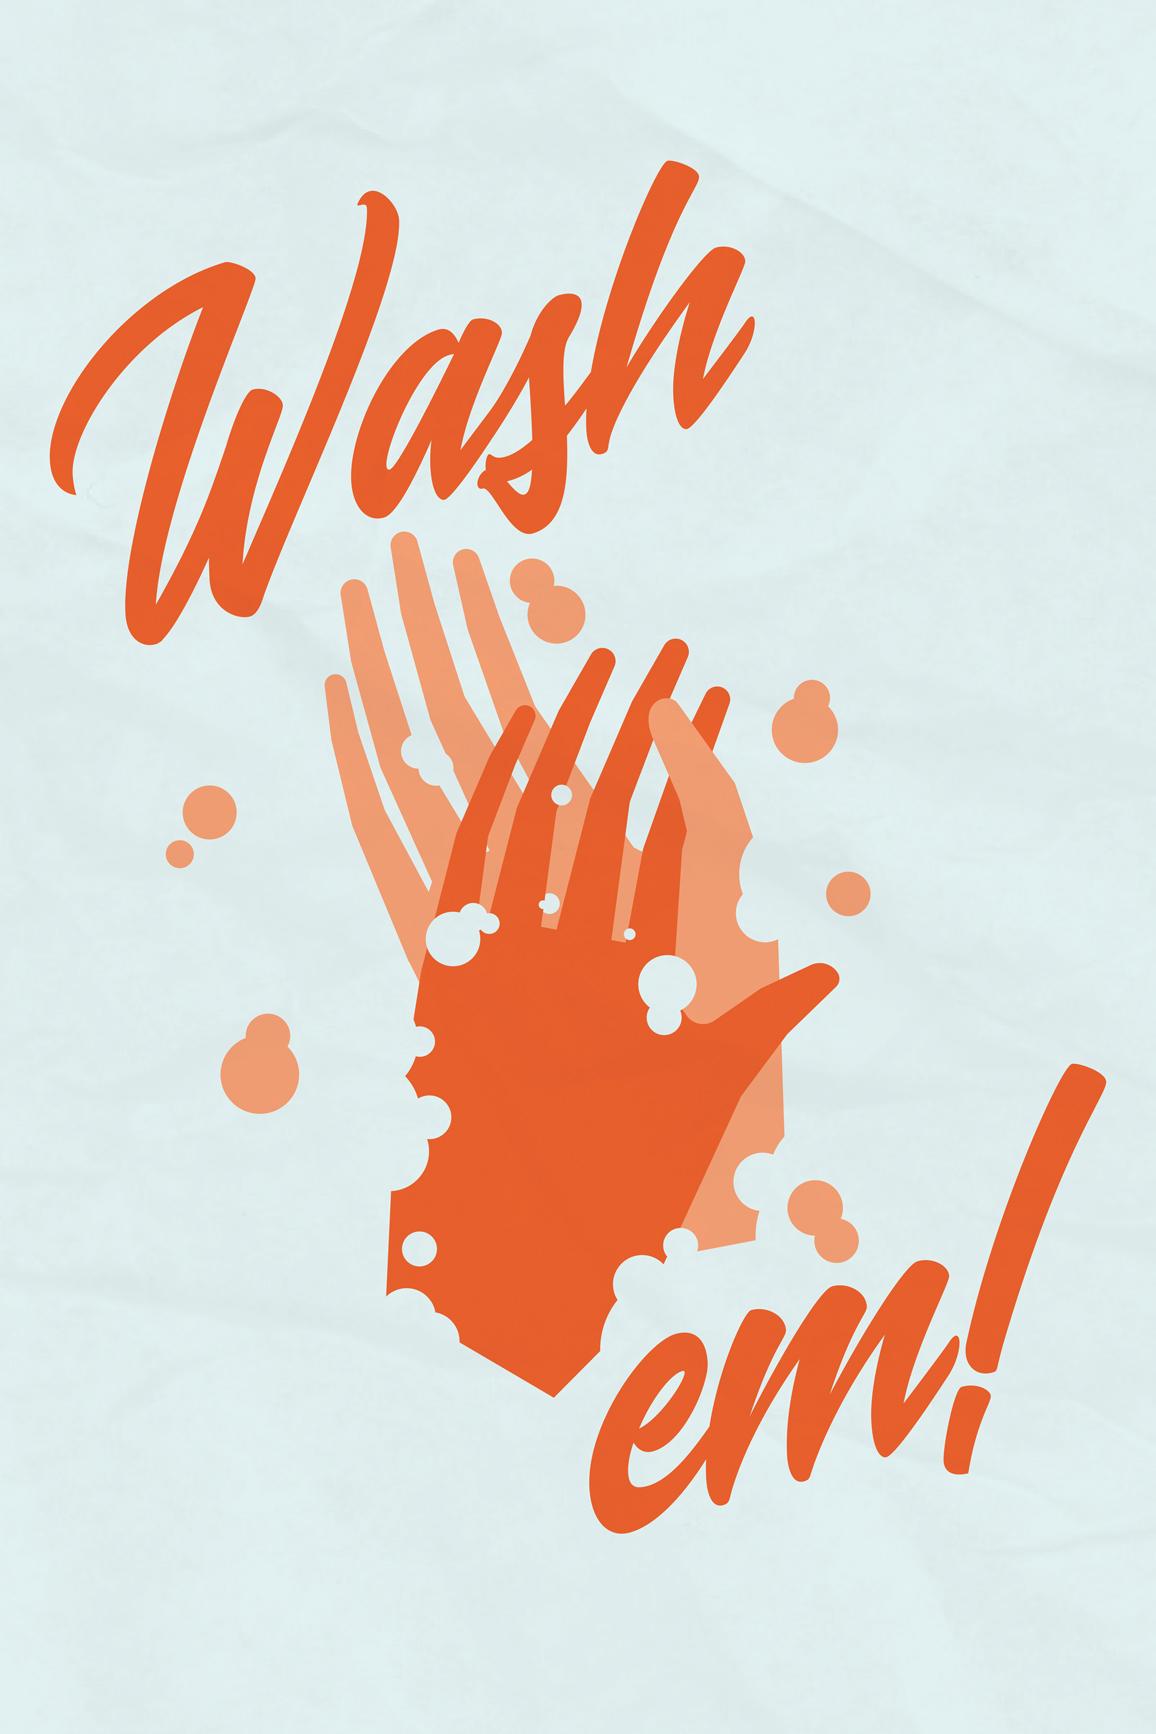 Wash em!